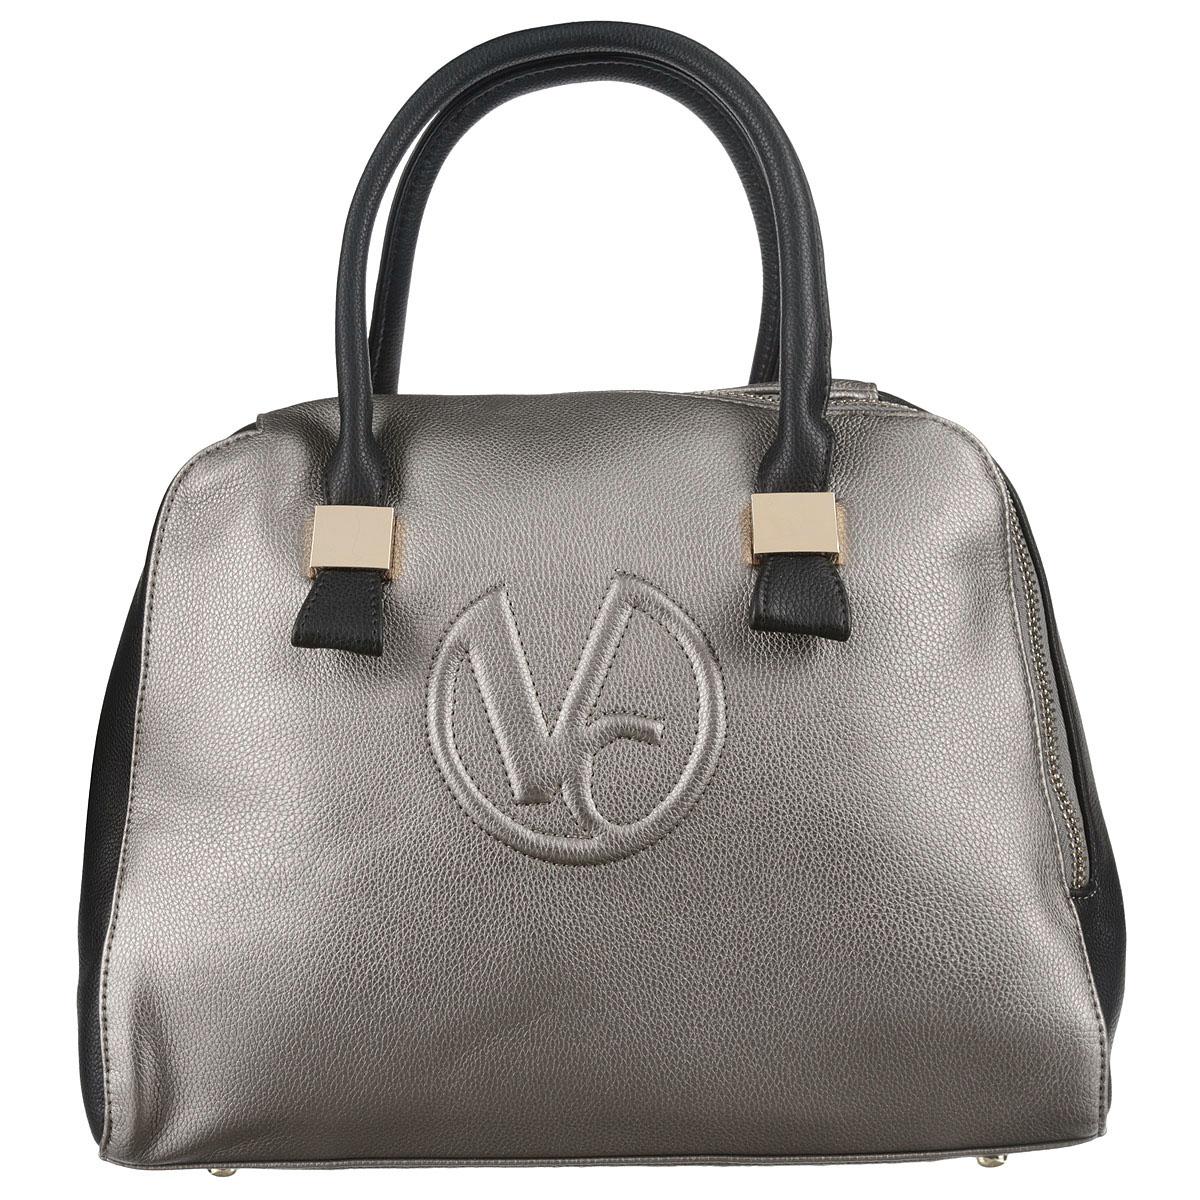 Сумка женская Vitacci, цвет: серый. V090V090Стильная женская сумка Vitacci изготовлена из высококачественной искусственной кожи. Застежка-молния расположена по диагонали, что придает изделию неповторимую оригинальность. Удобные ручки прочно крепятся к корпусу сумки при помощи металлической фурнитуры. Внутреннее отделение содержит два кармана на застежках-молниях, которые образуют открытый карман, и два накладных кармашка для мелочей и мобильного телефона. Тыльная сторона сумки дополнена врезным карманом на застежке-молнии. Дно защищено от повреждений металлическими ножками. Фурнитура золотистого цвета. Сумка - это стильный аксессуар, который подчеркнет вашу изысканность и индивидуальность и сделает ваш образ завершенным. Изделие упаковано в фирменный чехол.